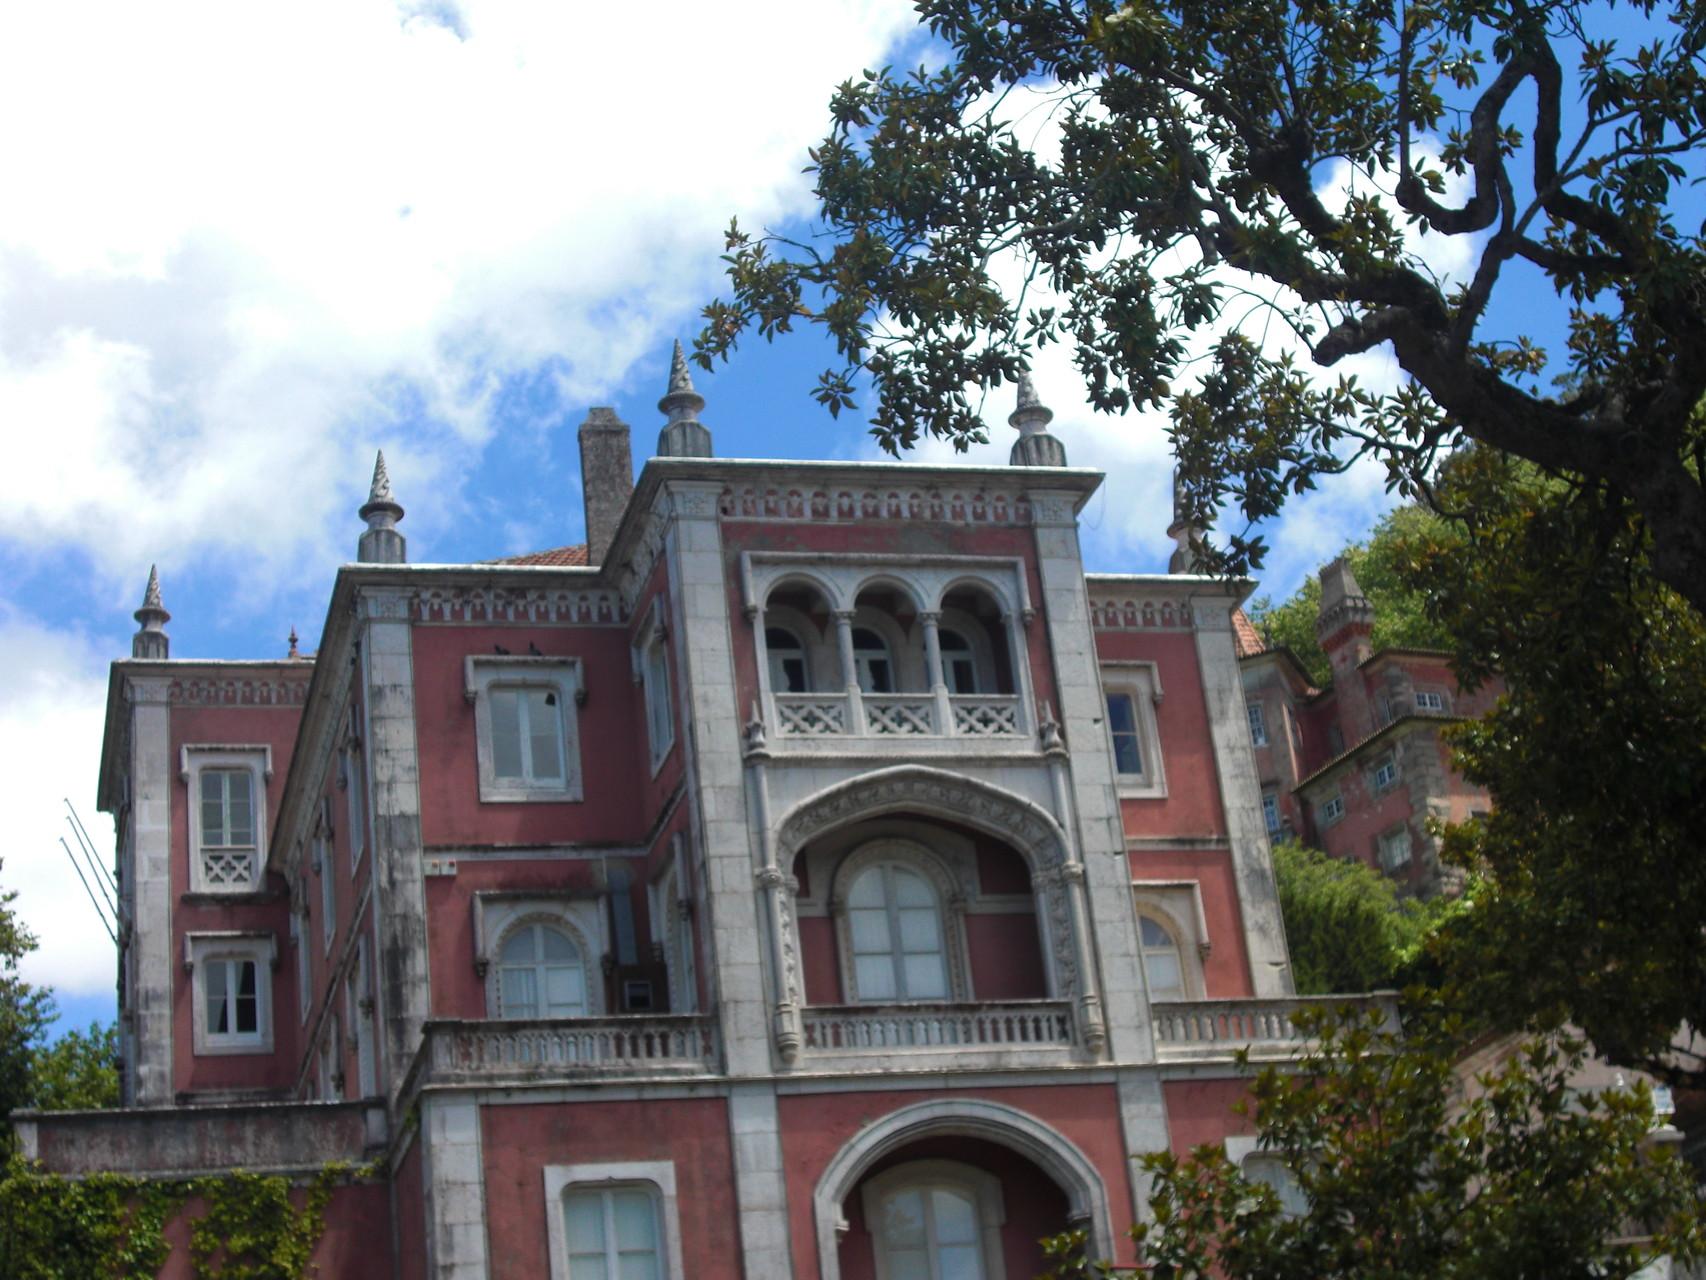 Maison bourgeaoise de Sintra